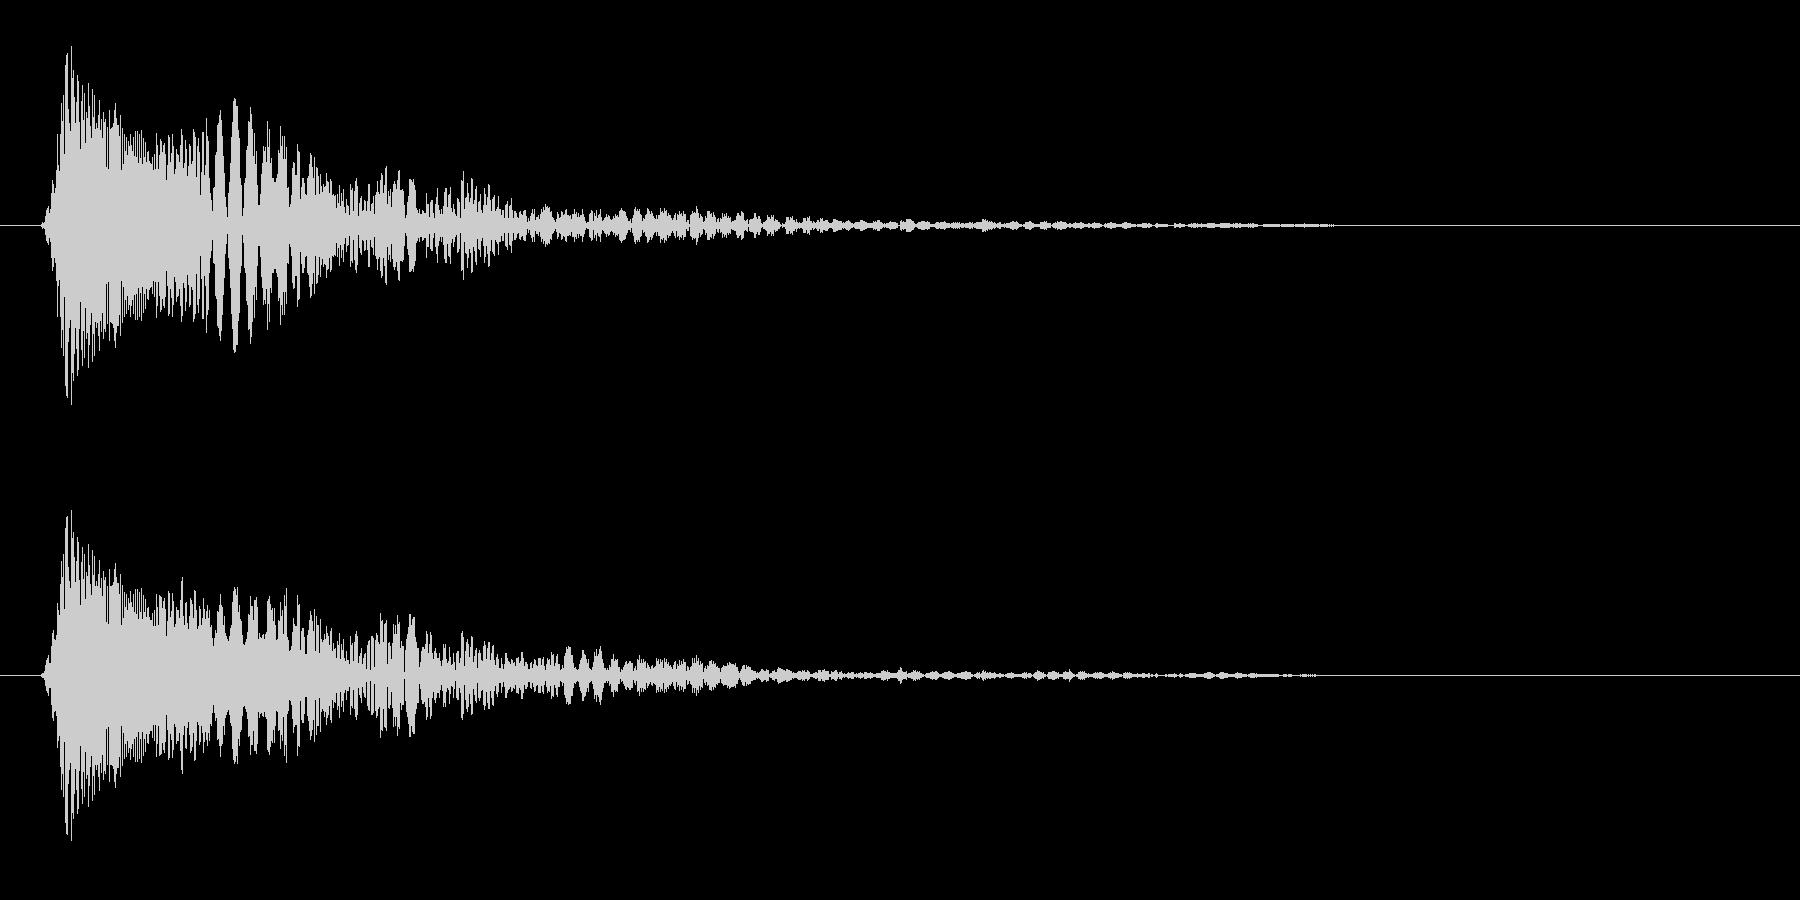 クリック音(かわいい)の未再生の波形